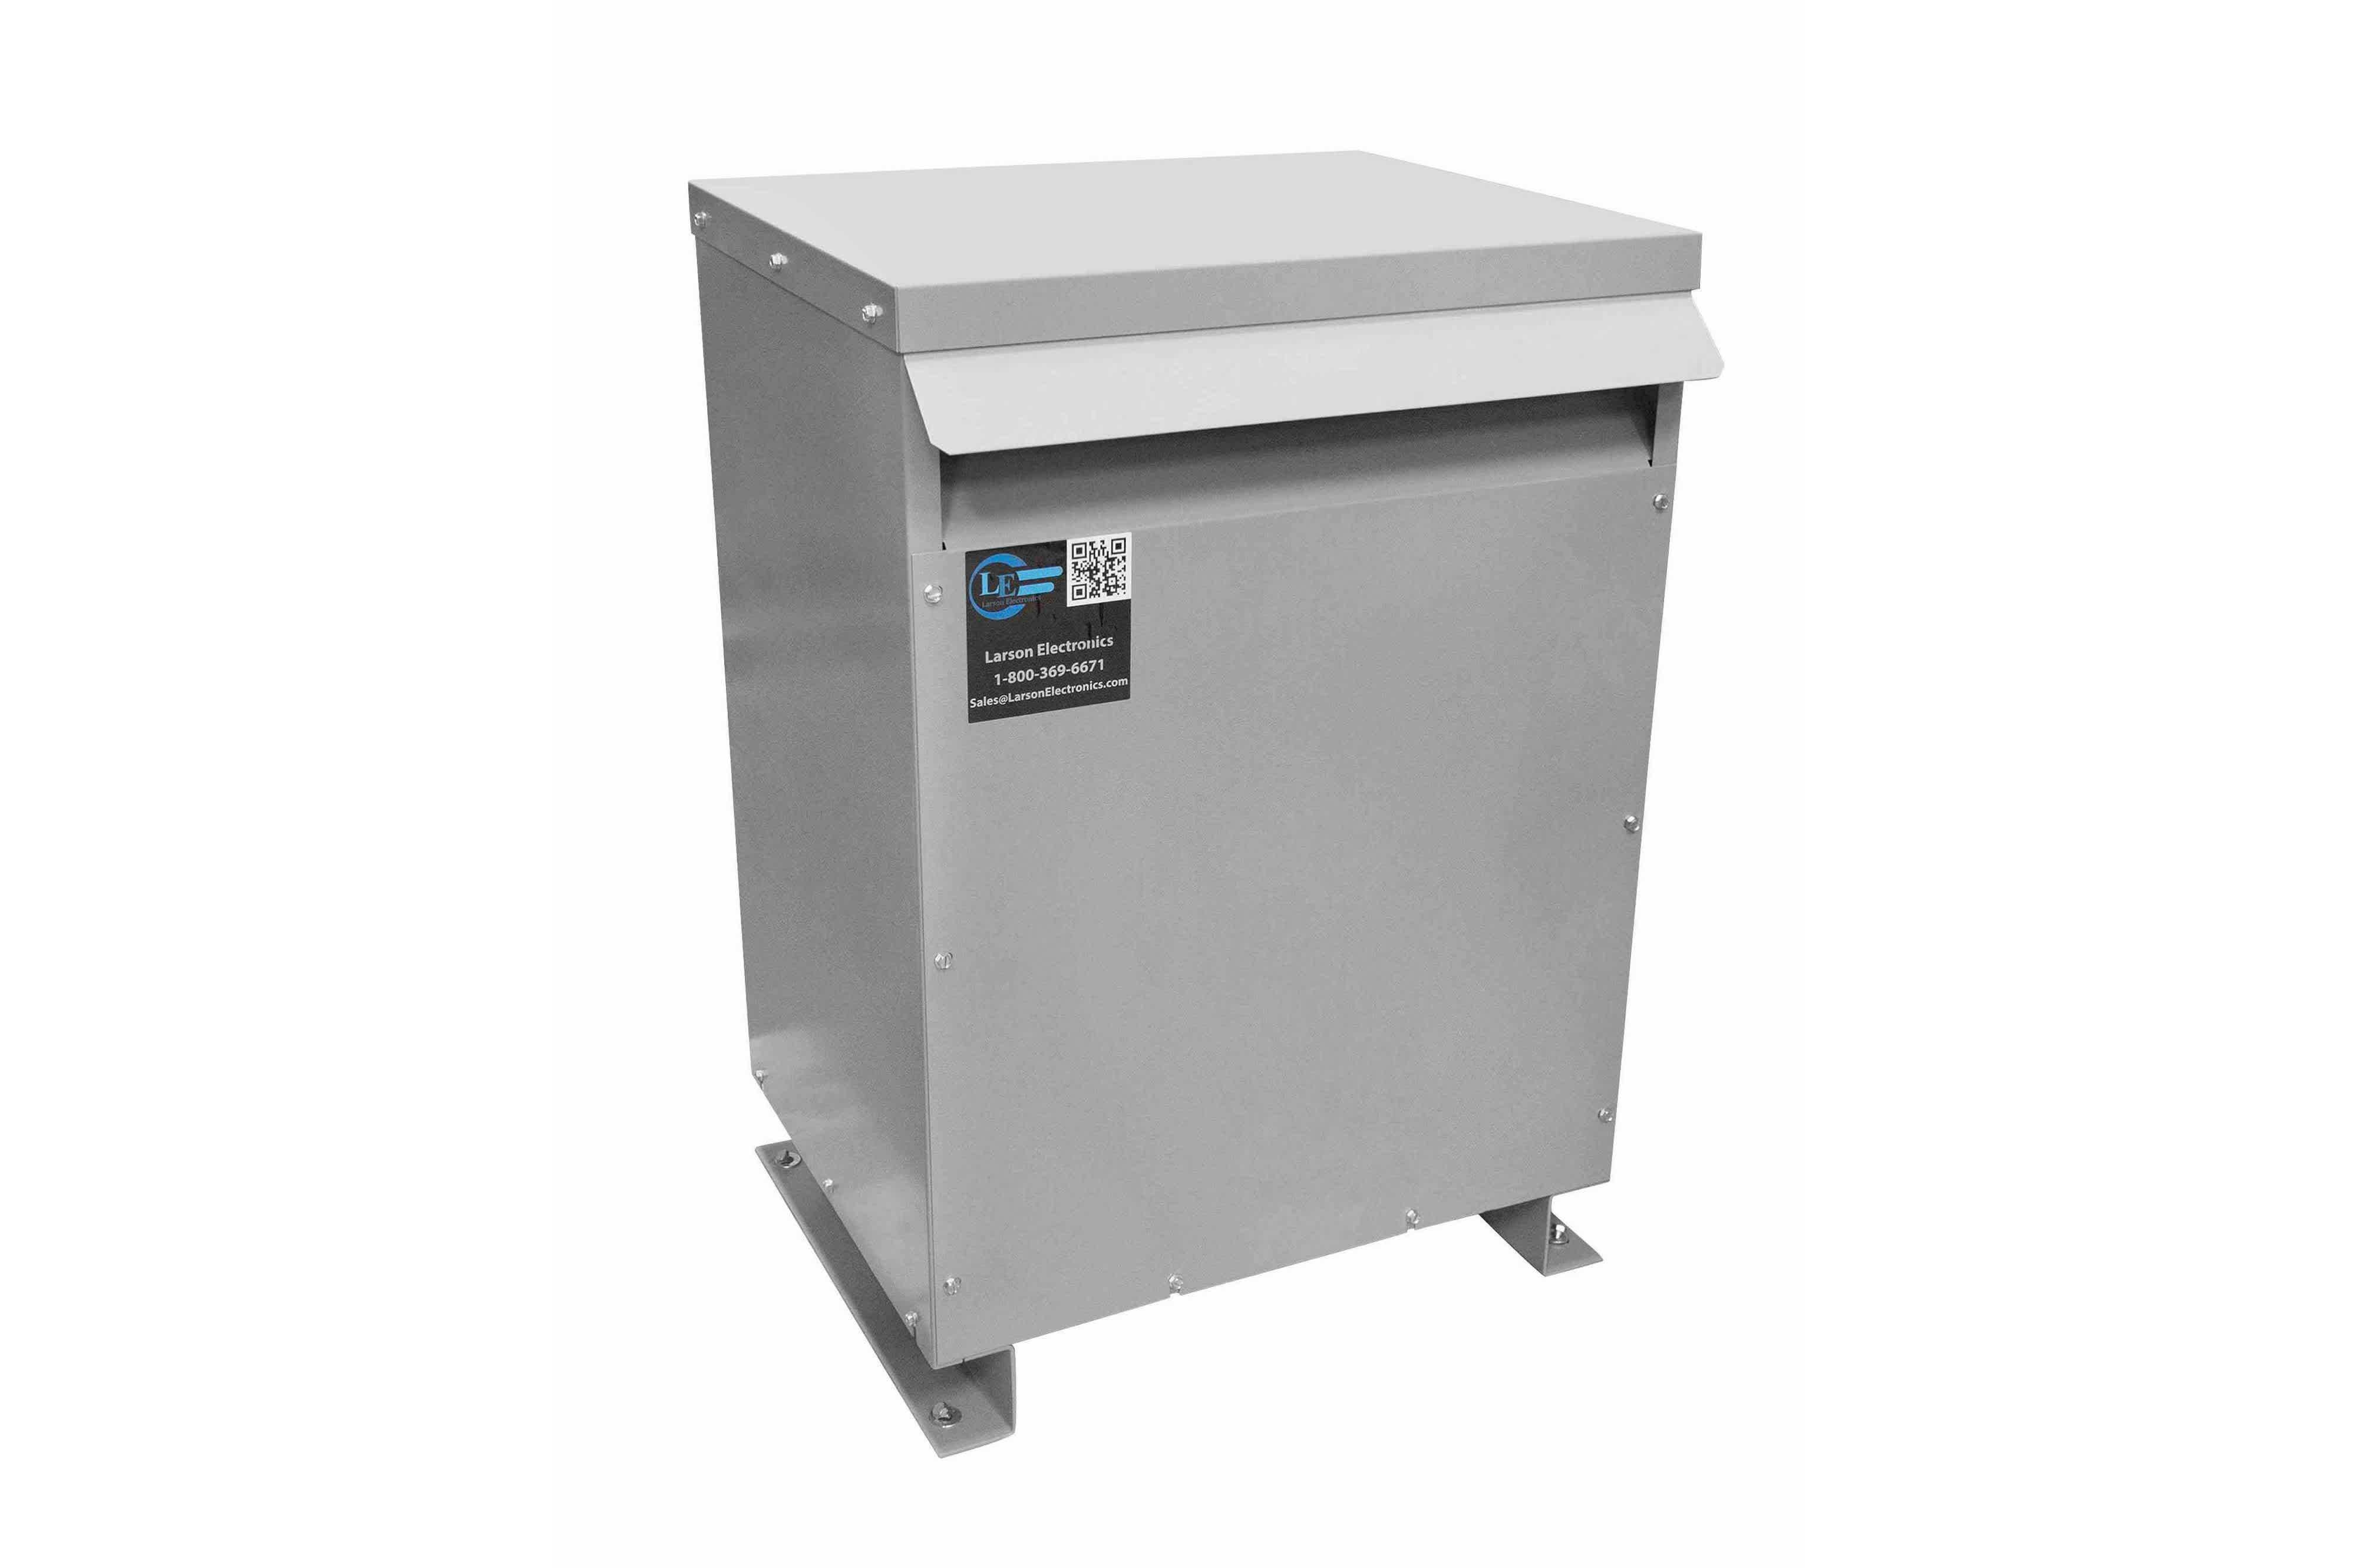 22.5 kVA 3PH Isolation Transformer, 415V Delta Primary, 208V Delta Secondary, N3R, Ventilated, 60 Hz